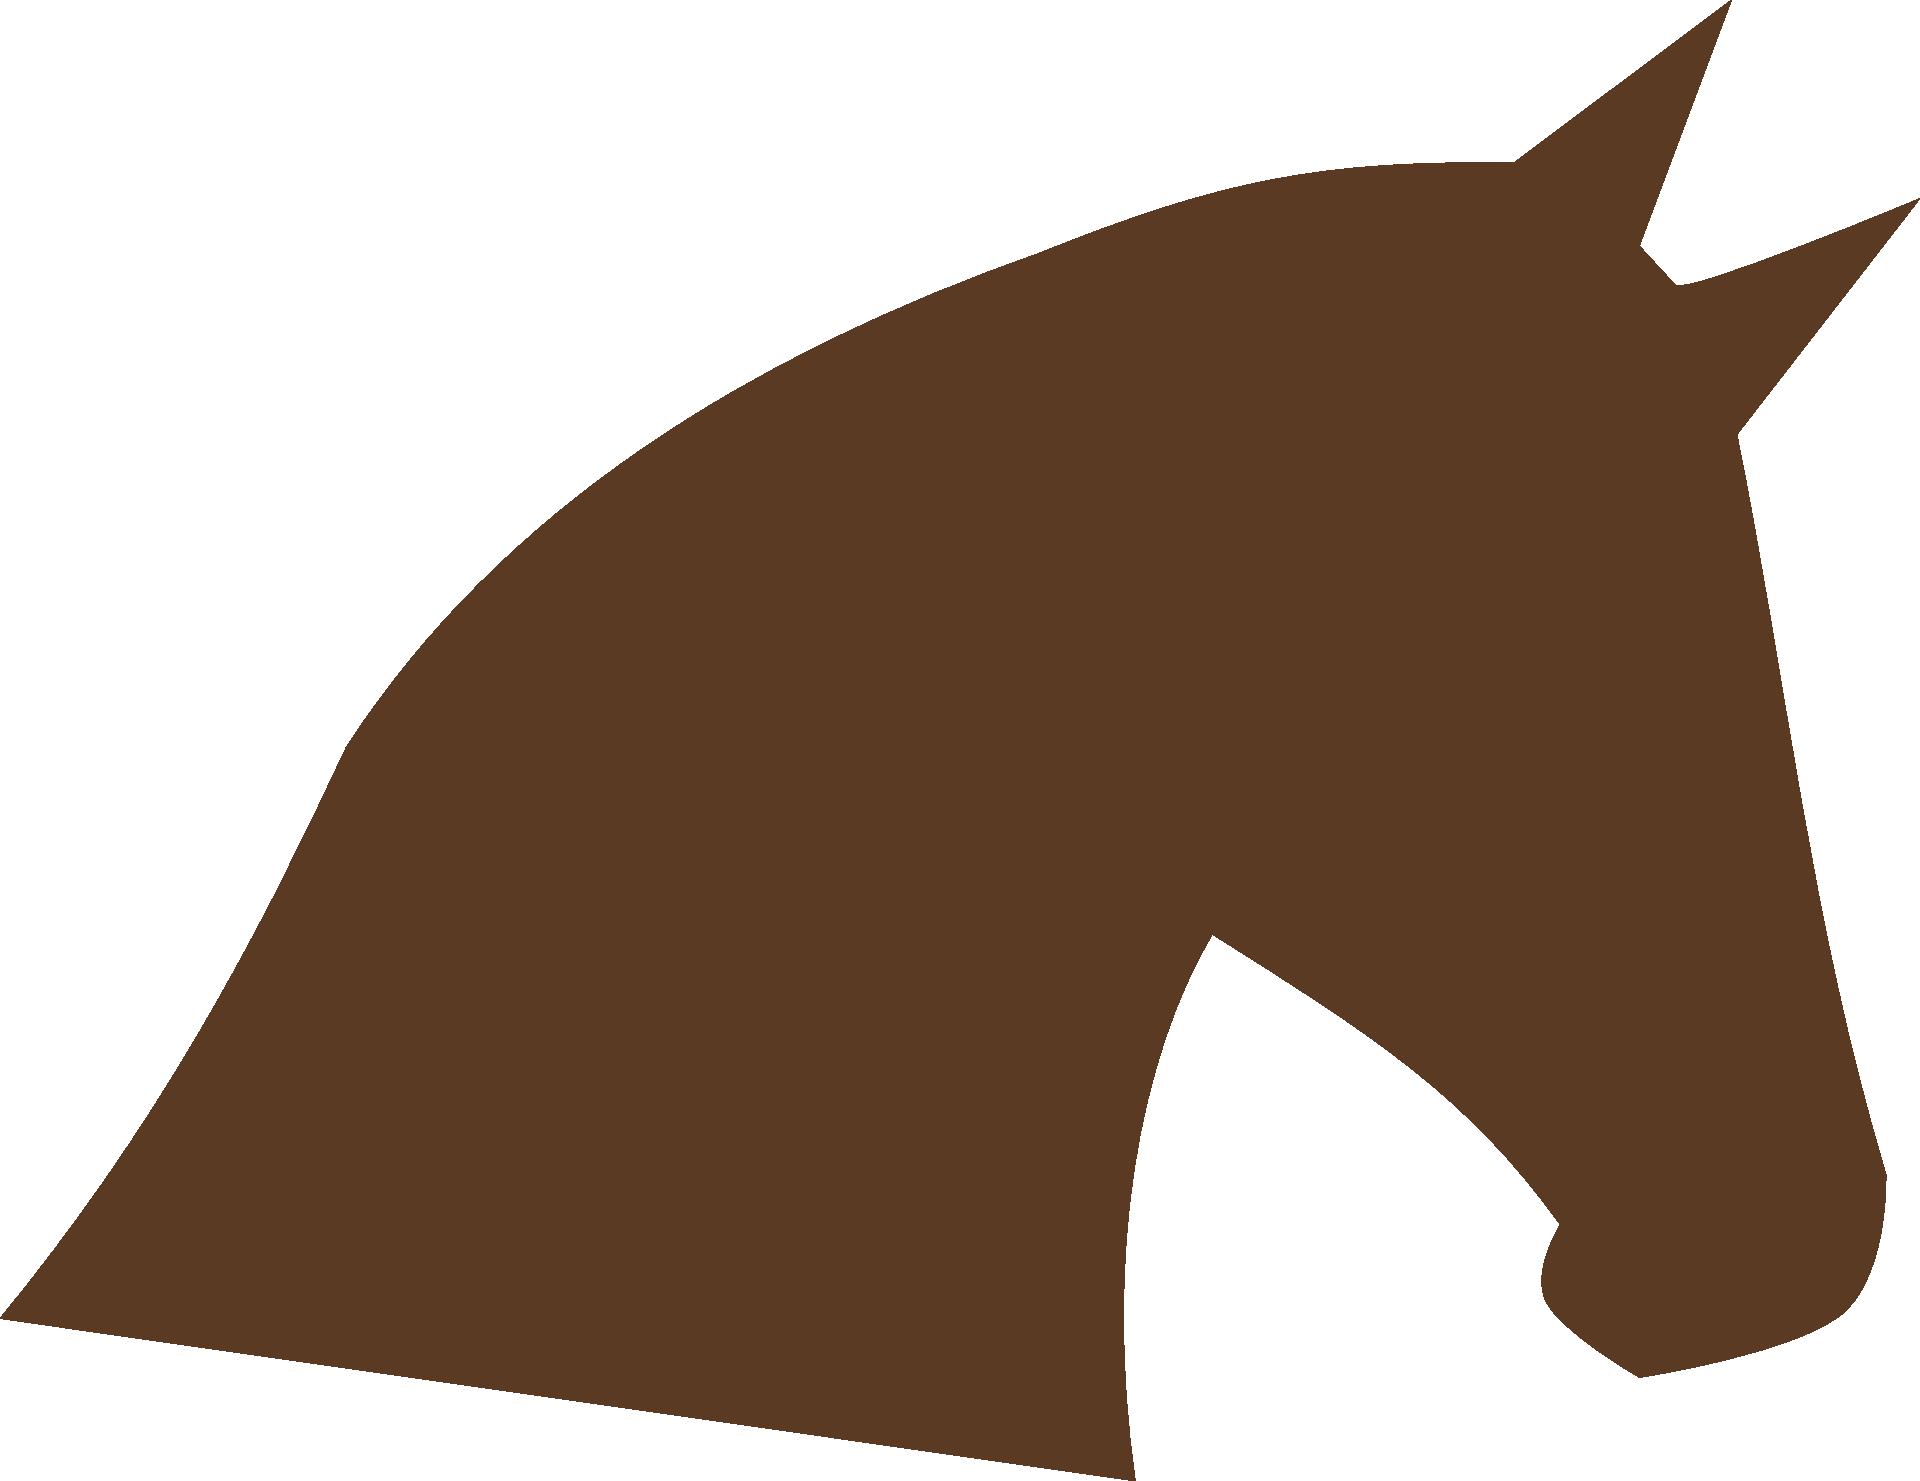 картинка головы коня иногда